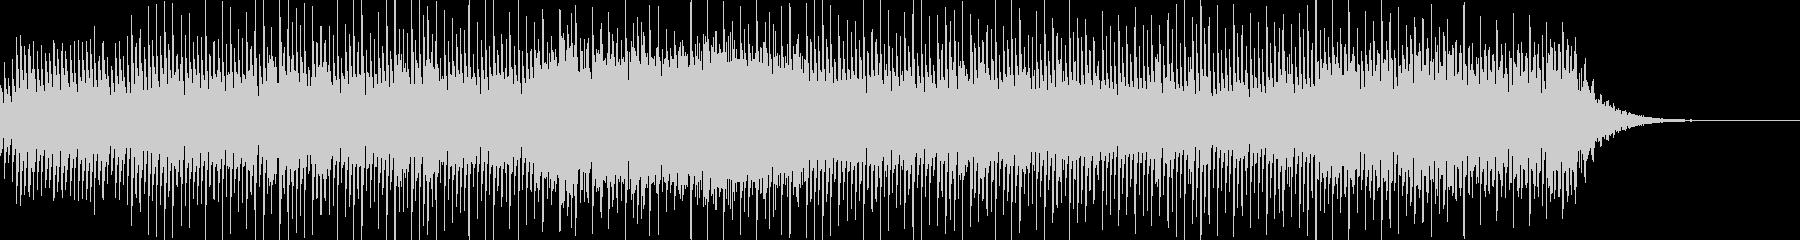 ドキュメンタリー・理科の実験 ピアノの未再生の波形